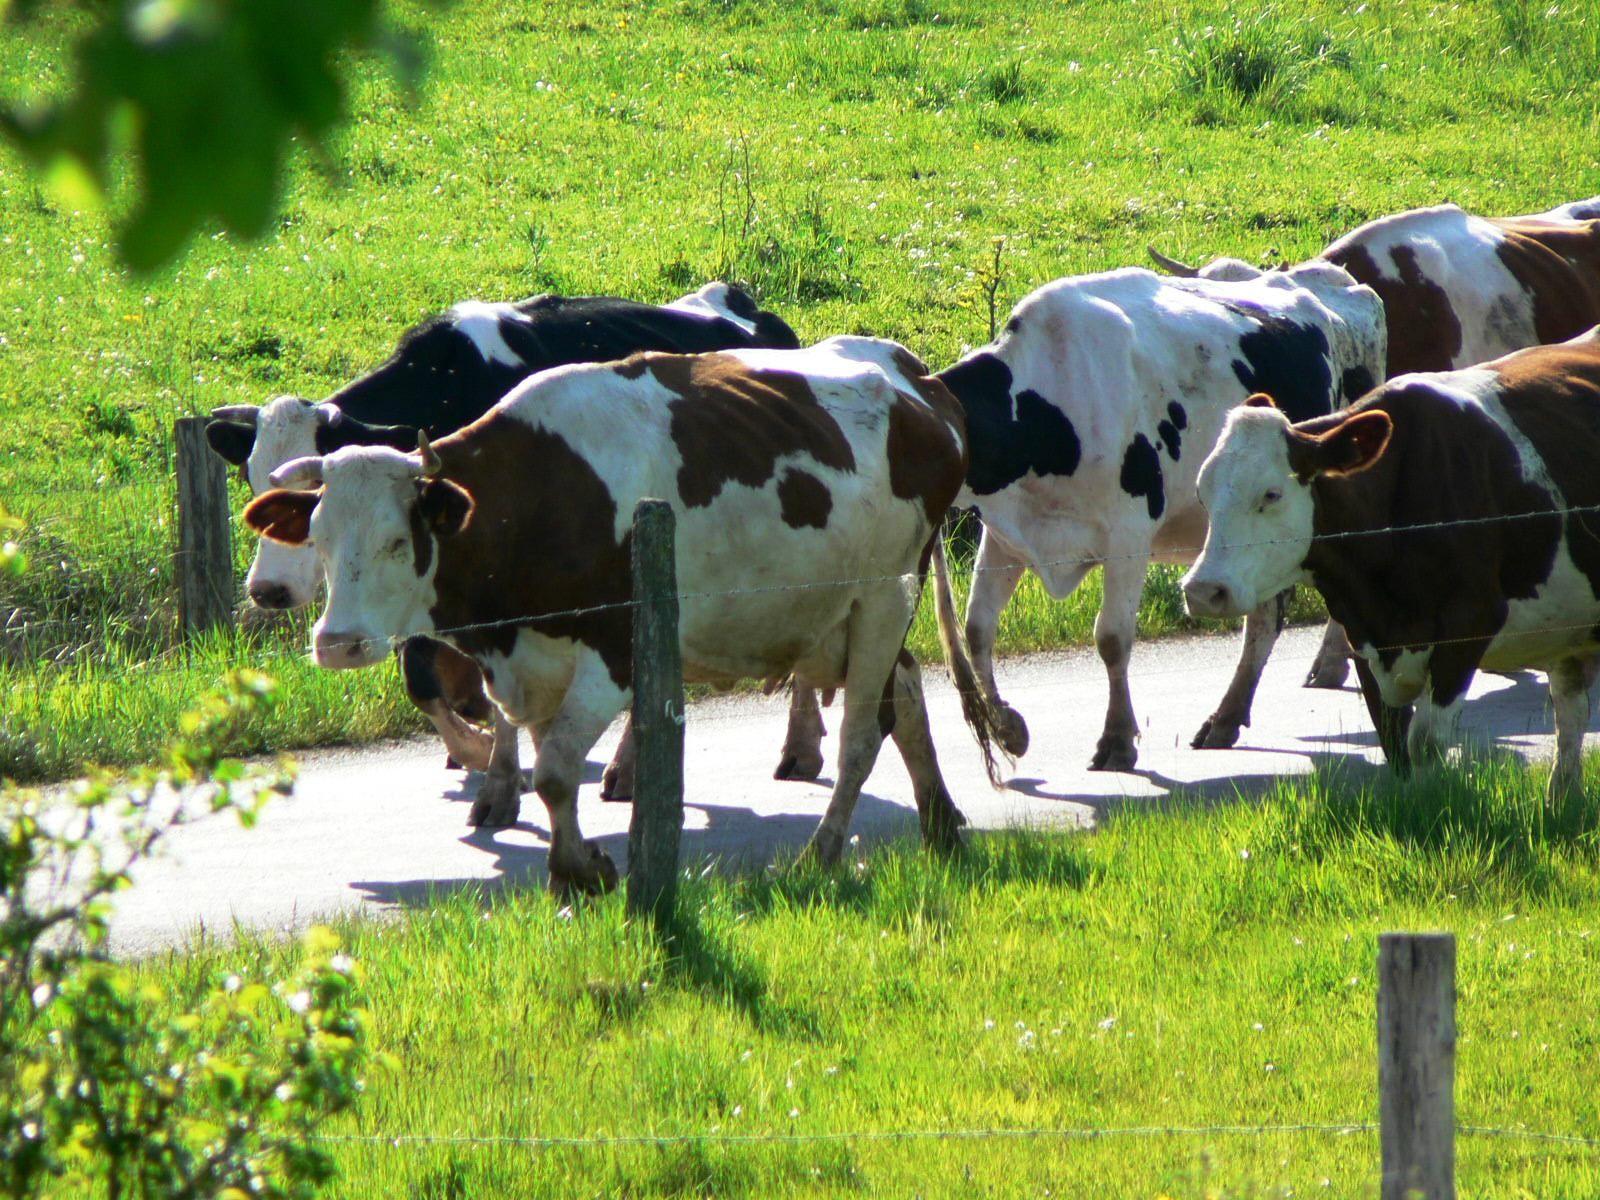 Cours De Dessin Montbéliard les vaches de montbéliard | race de vache, animaux